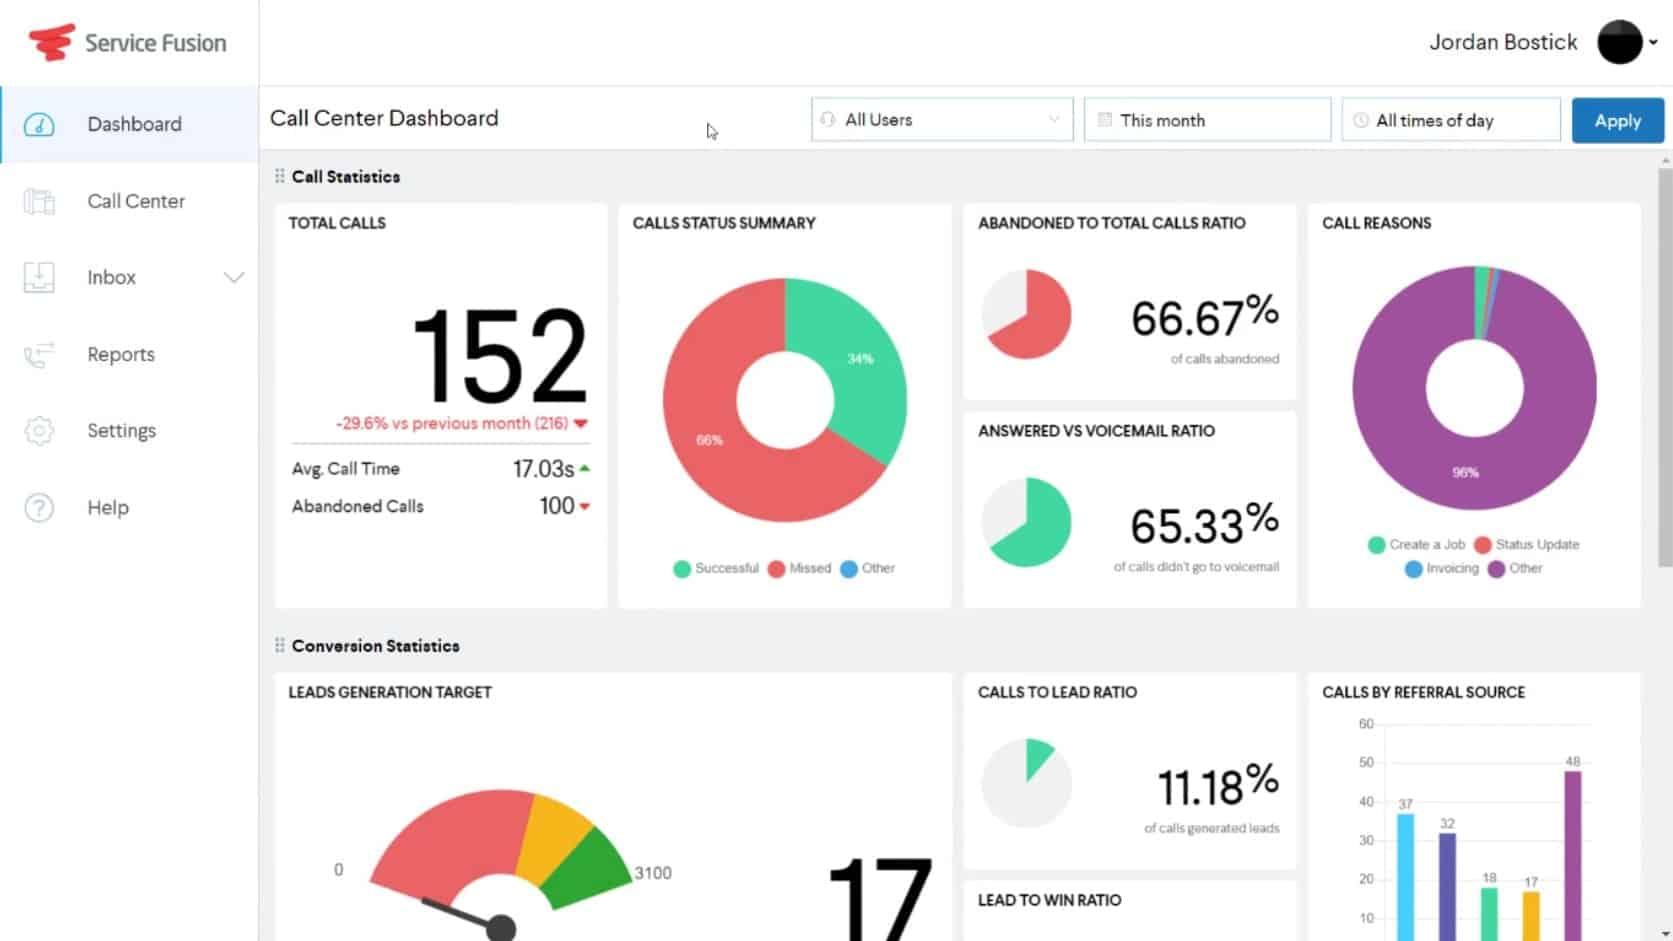 Service Fusion ServiceCall.ai Dashboard screenshot